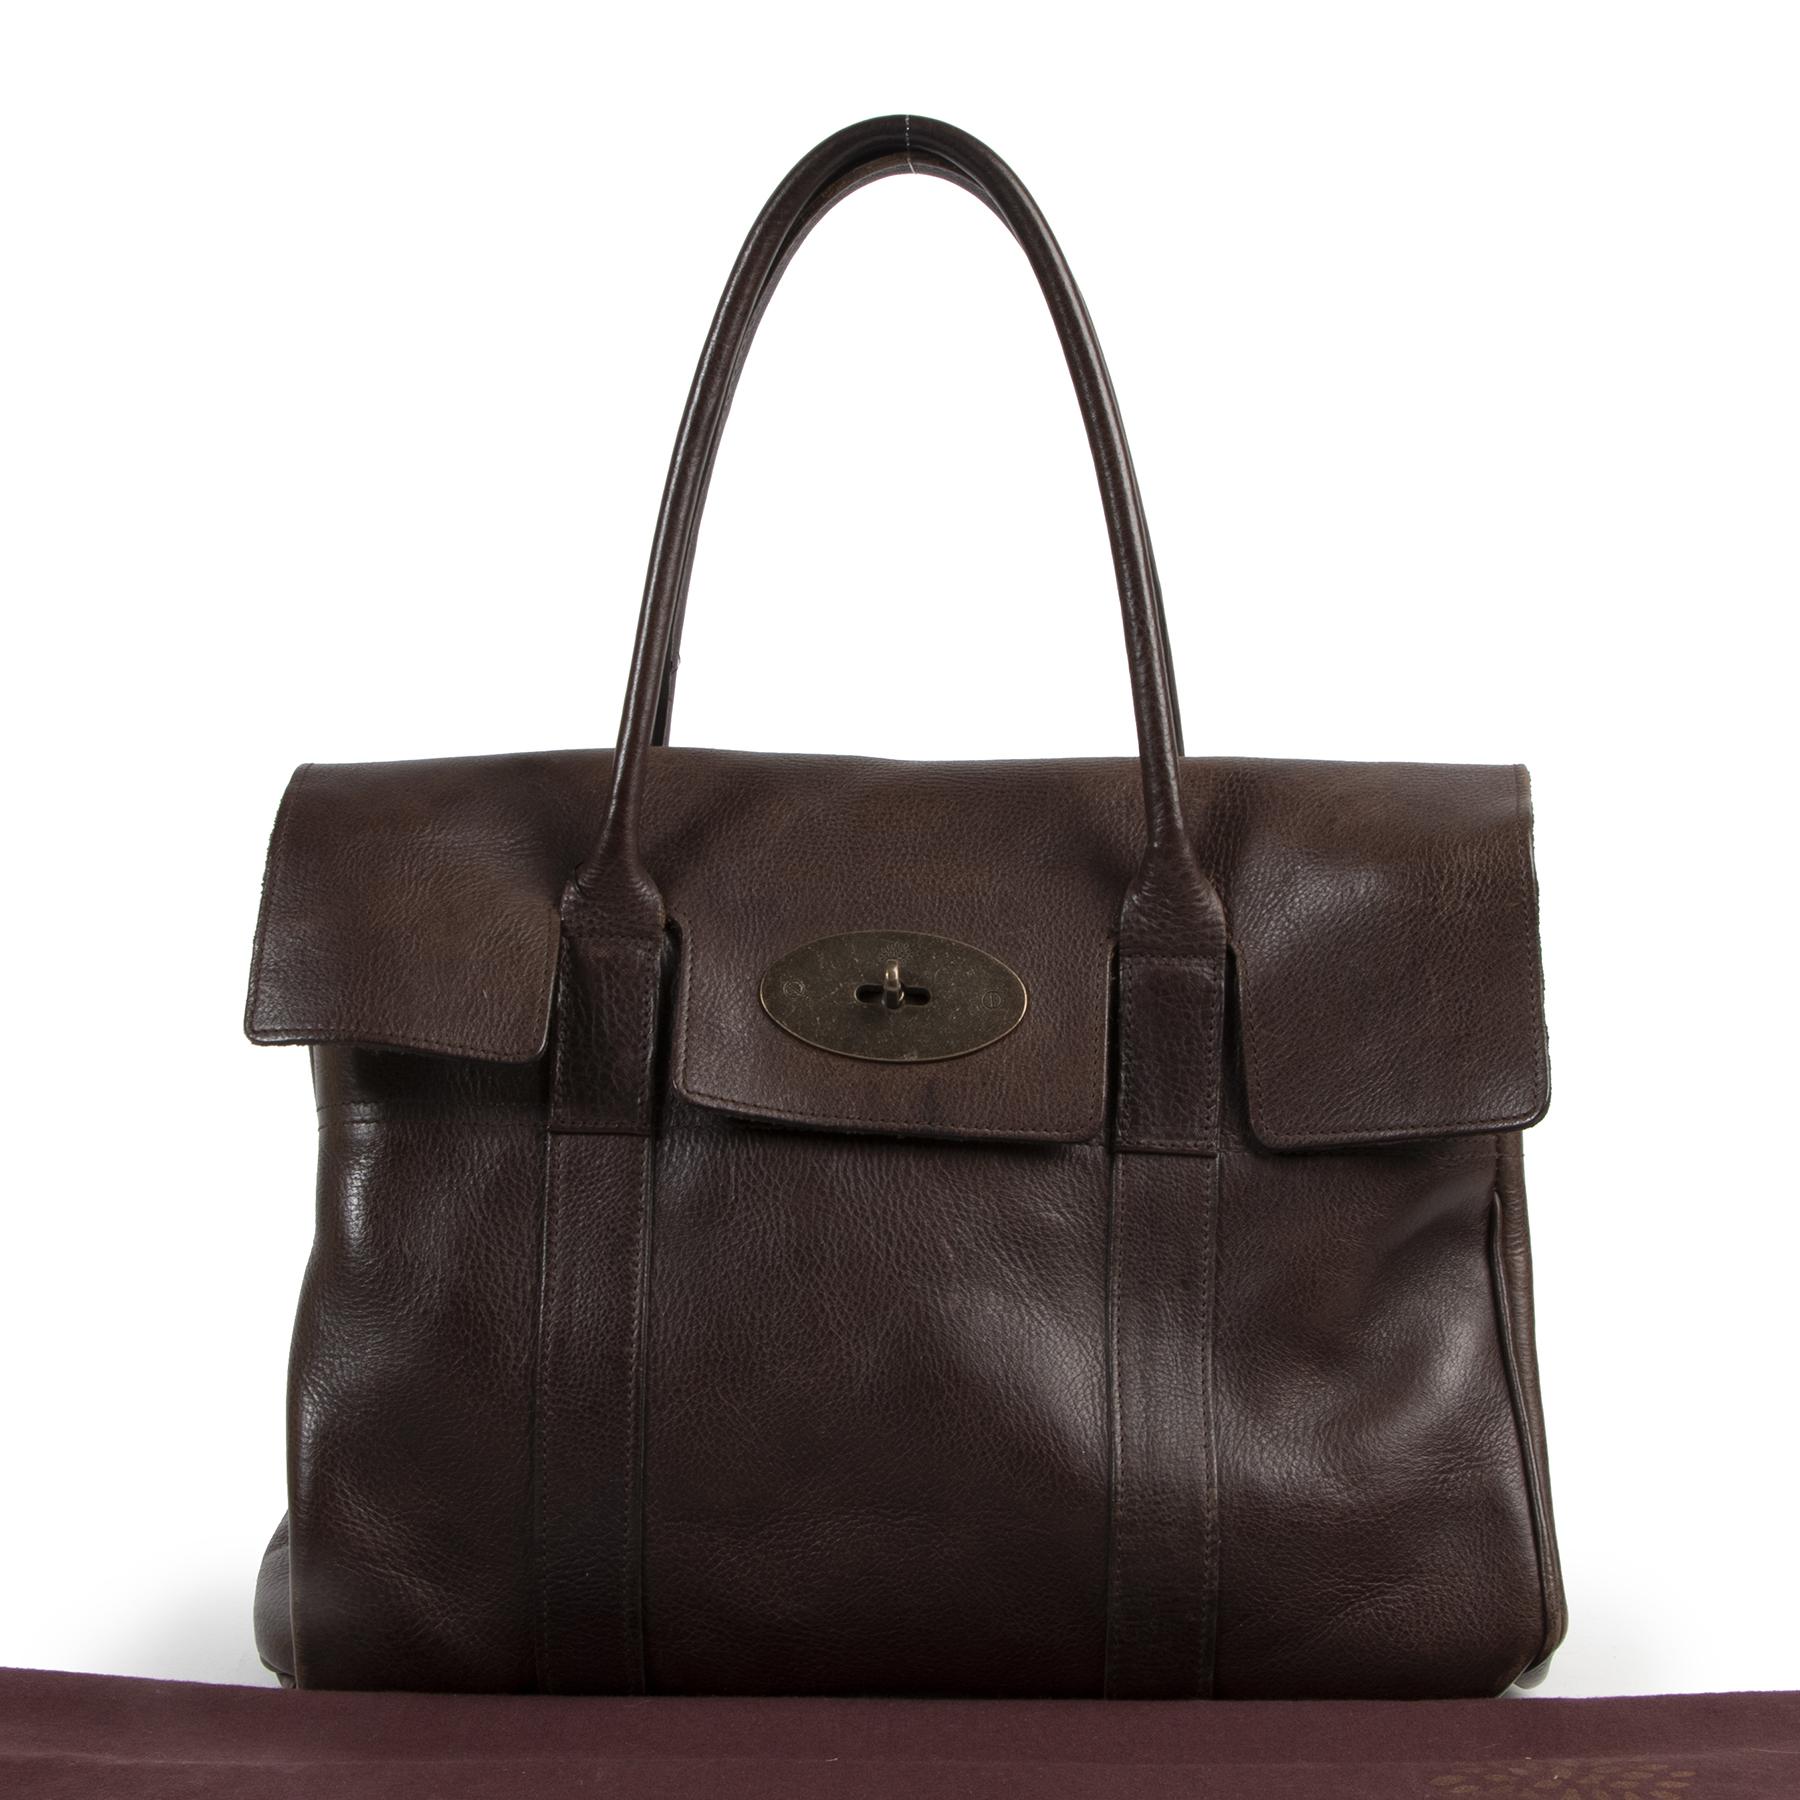 Authentieke tweedehand Mulberry juiste prijs veilig online winkelen LabelLOV webshop luxe designer Antwerpen België mode fashion